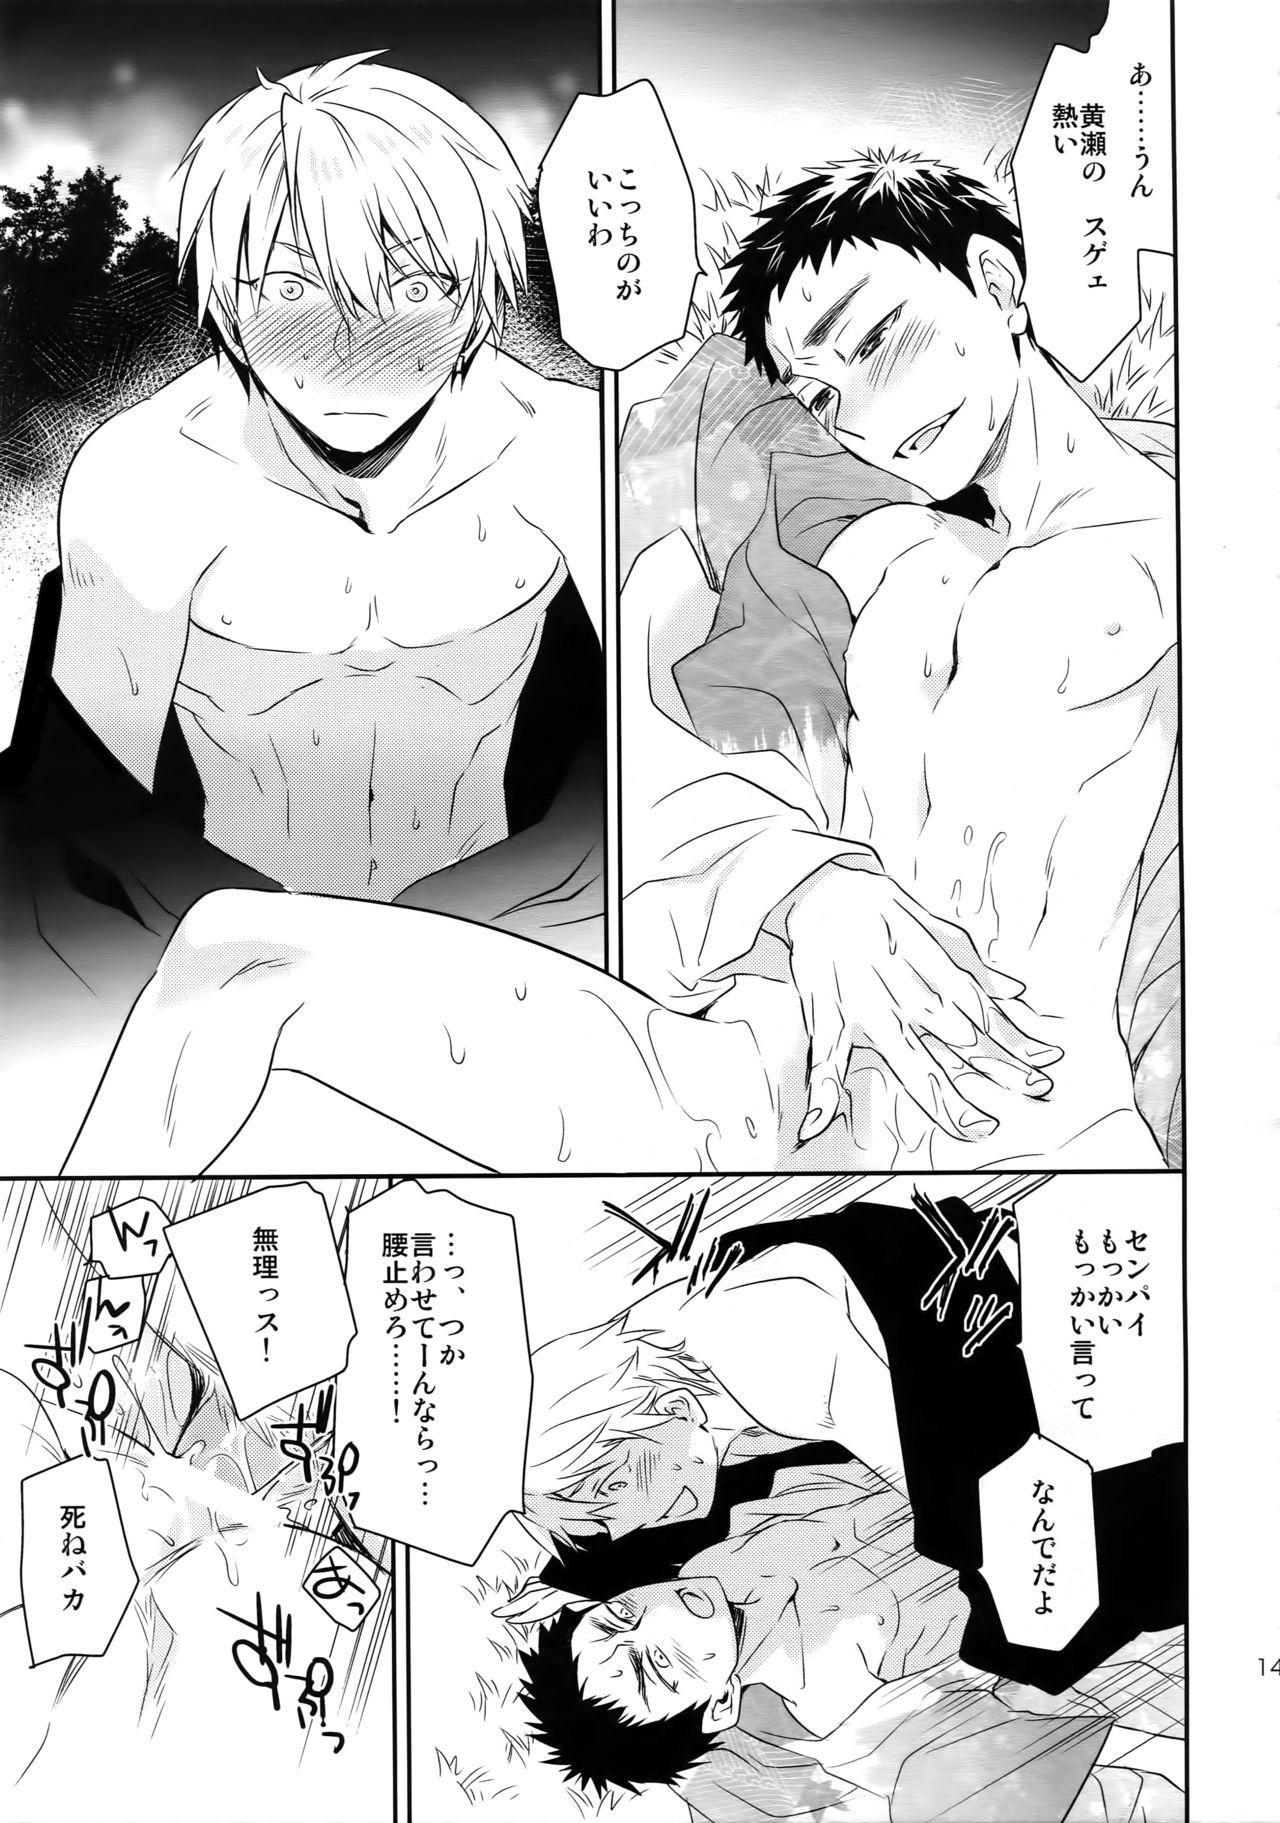 Kanpeki Kareshi to Zettai Ryouiki Ouji-sama 141